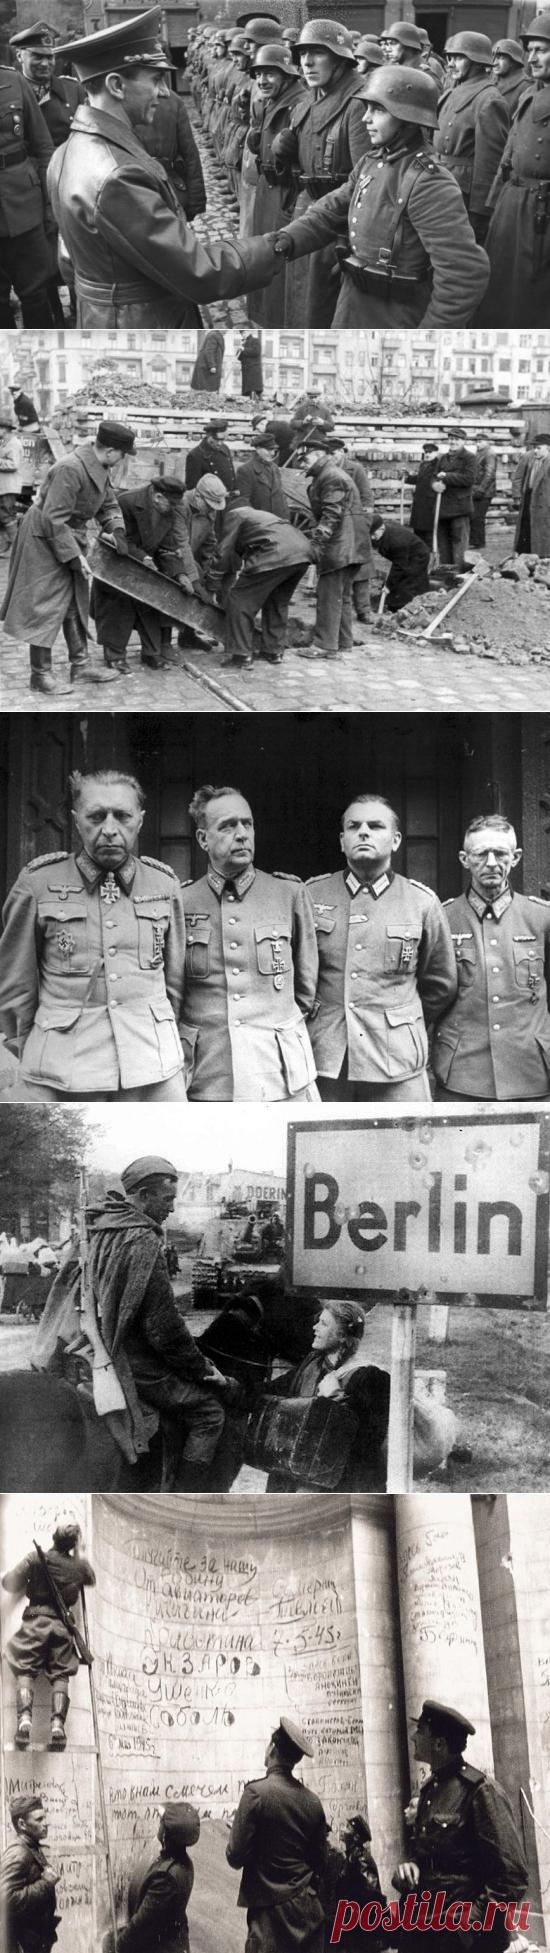 Рассказ последнего немецкого коменданта о штурме Берлина / Назад в СССР / Back in USSR